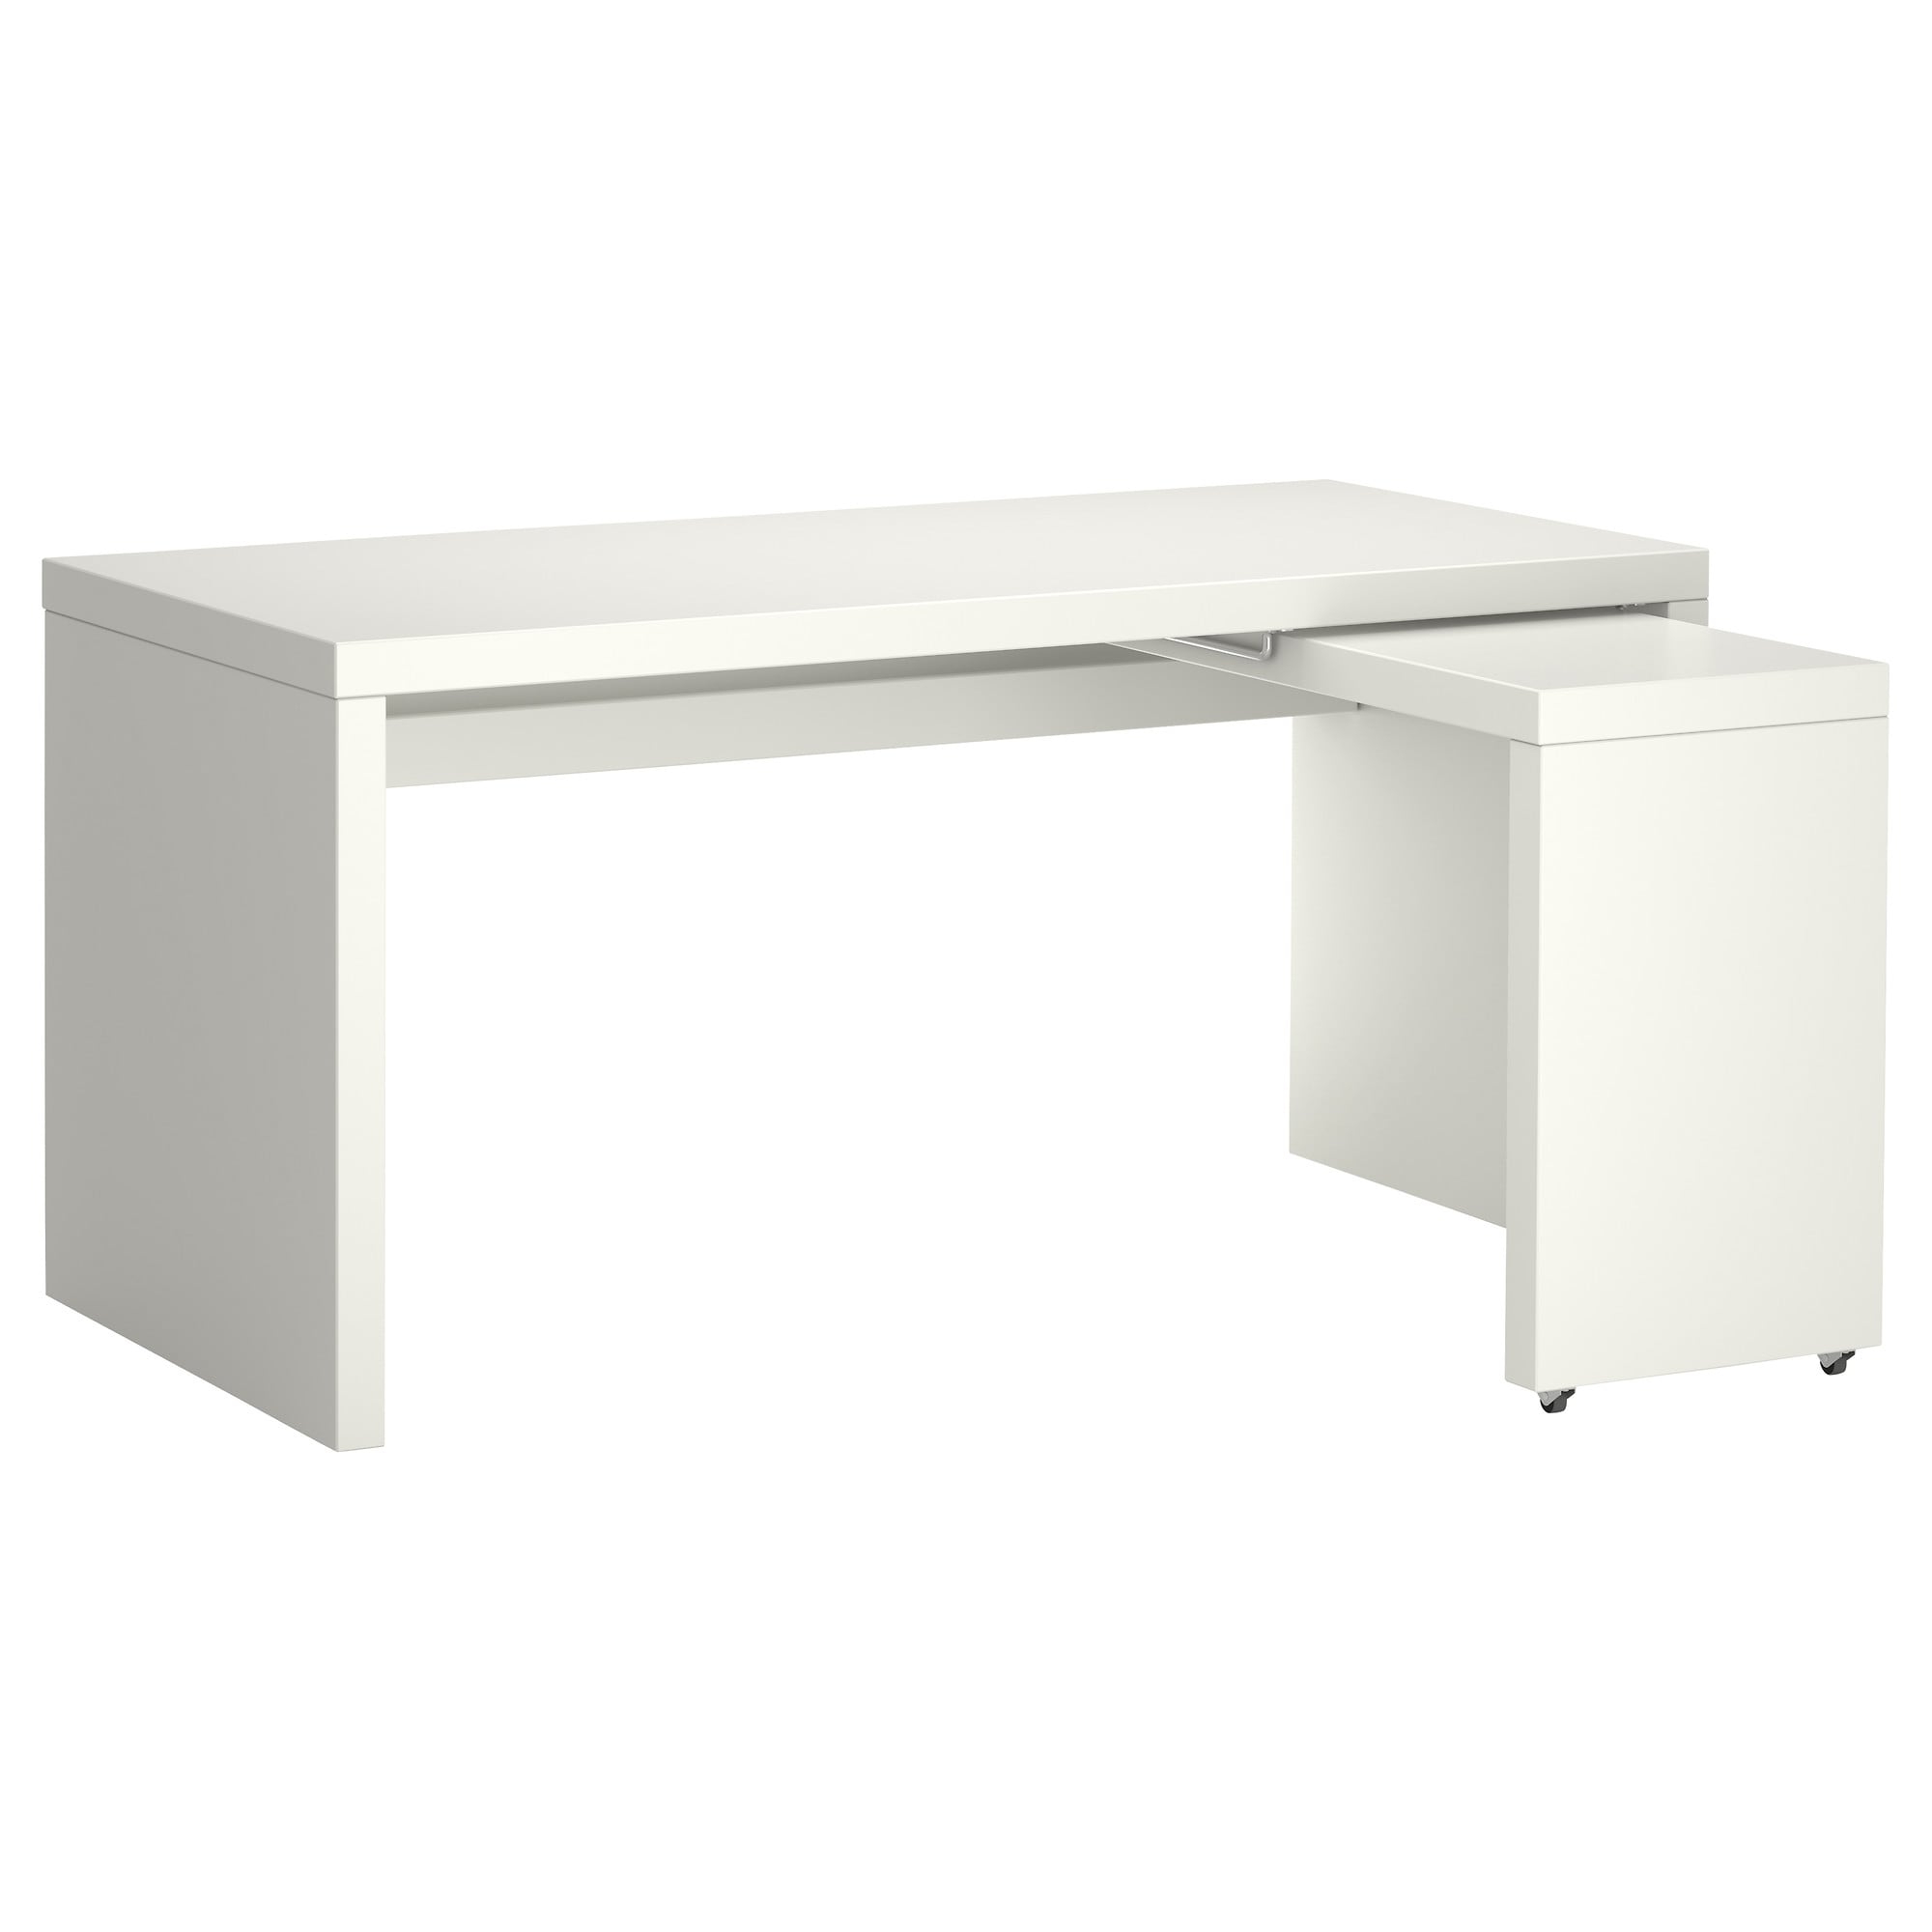 Escritorio Extraible J7do Malm Escritorio Con Tablero Extraà Ble Blanco 151 X 65 Cm Ikea